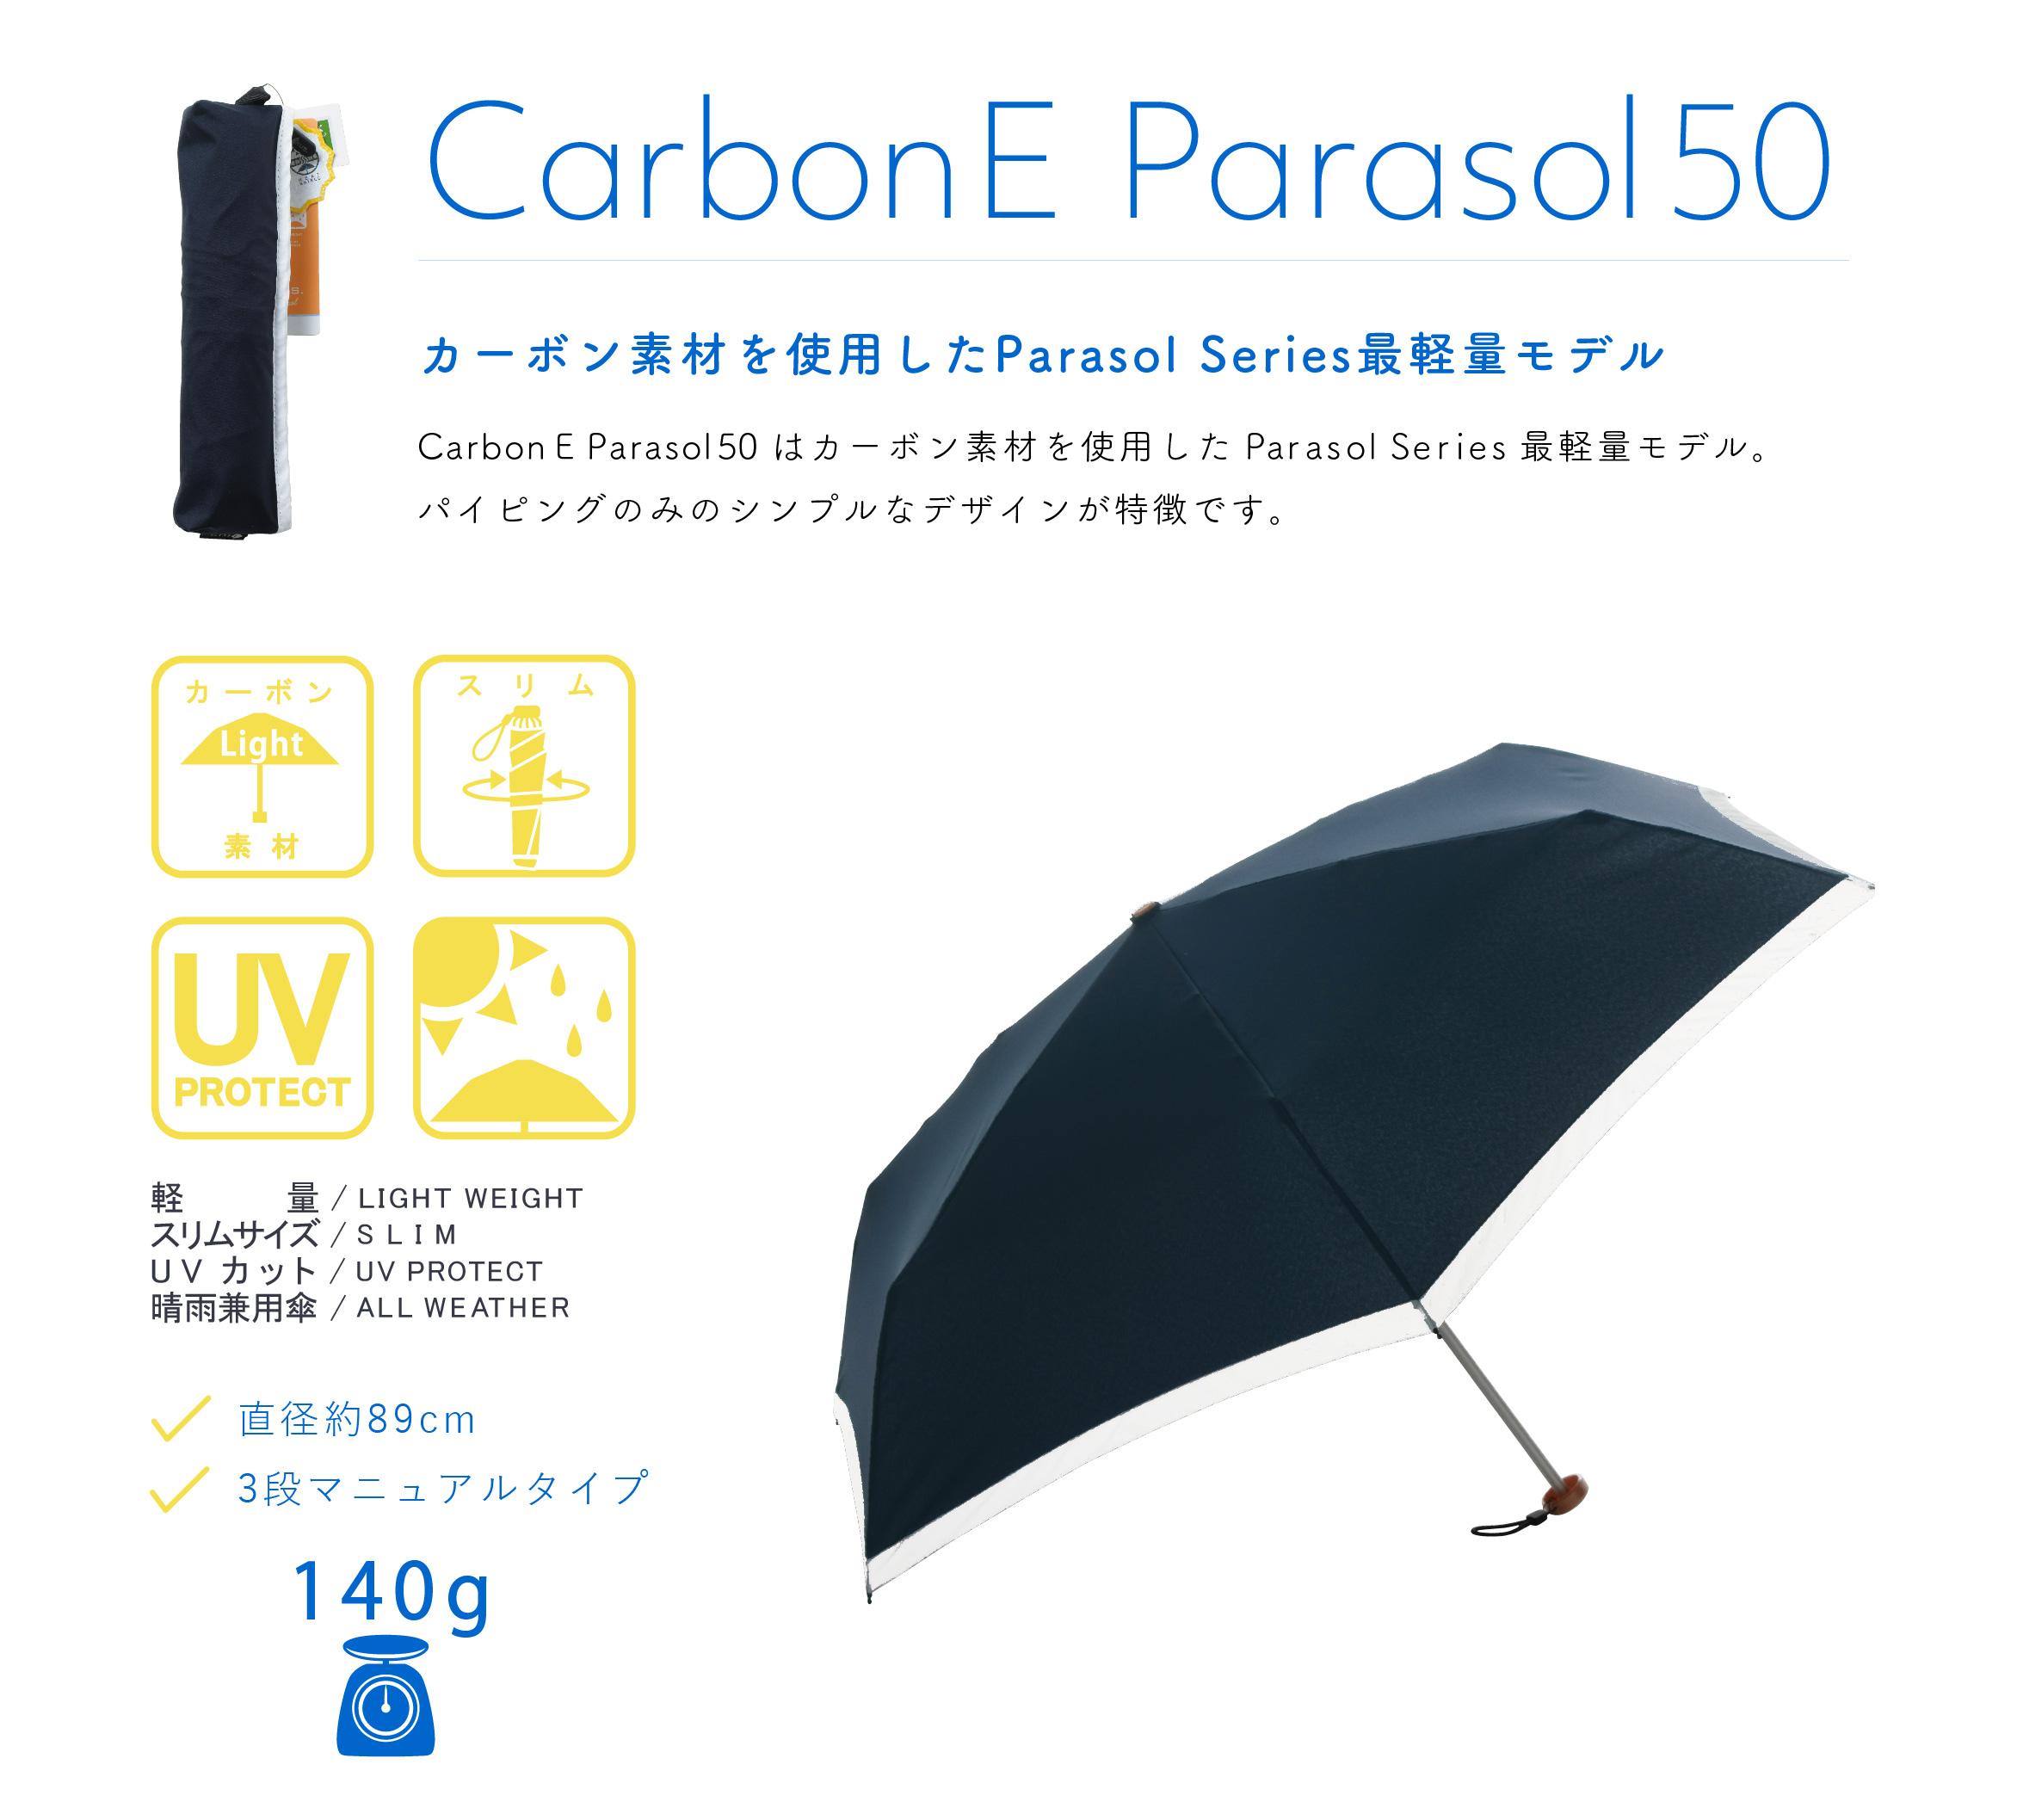 CarbonEParasol